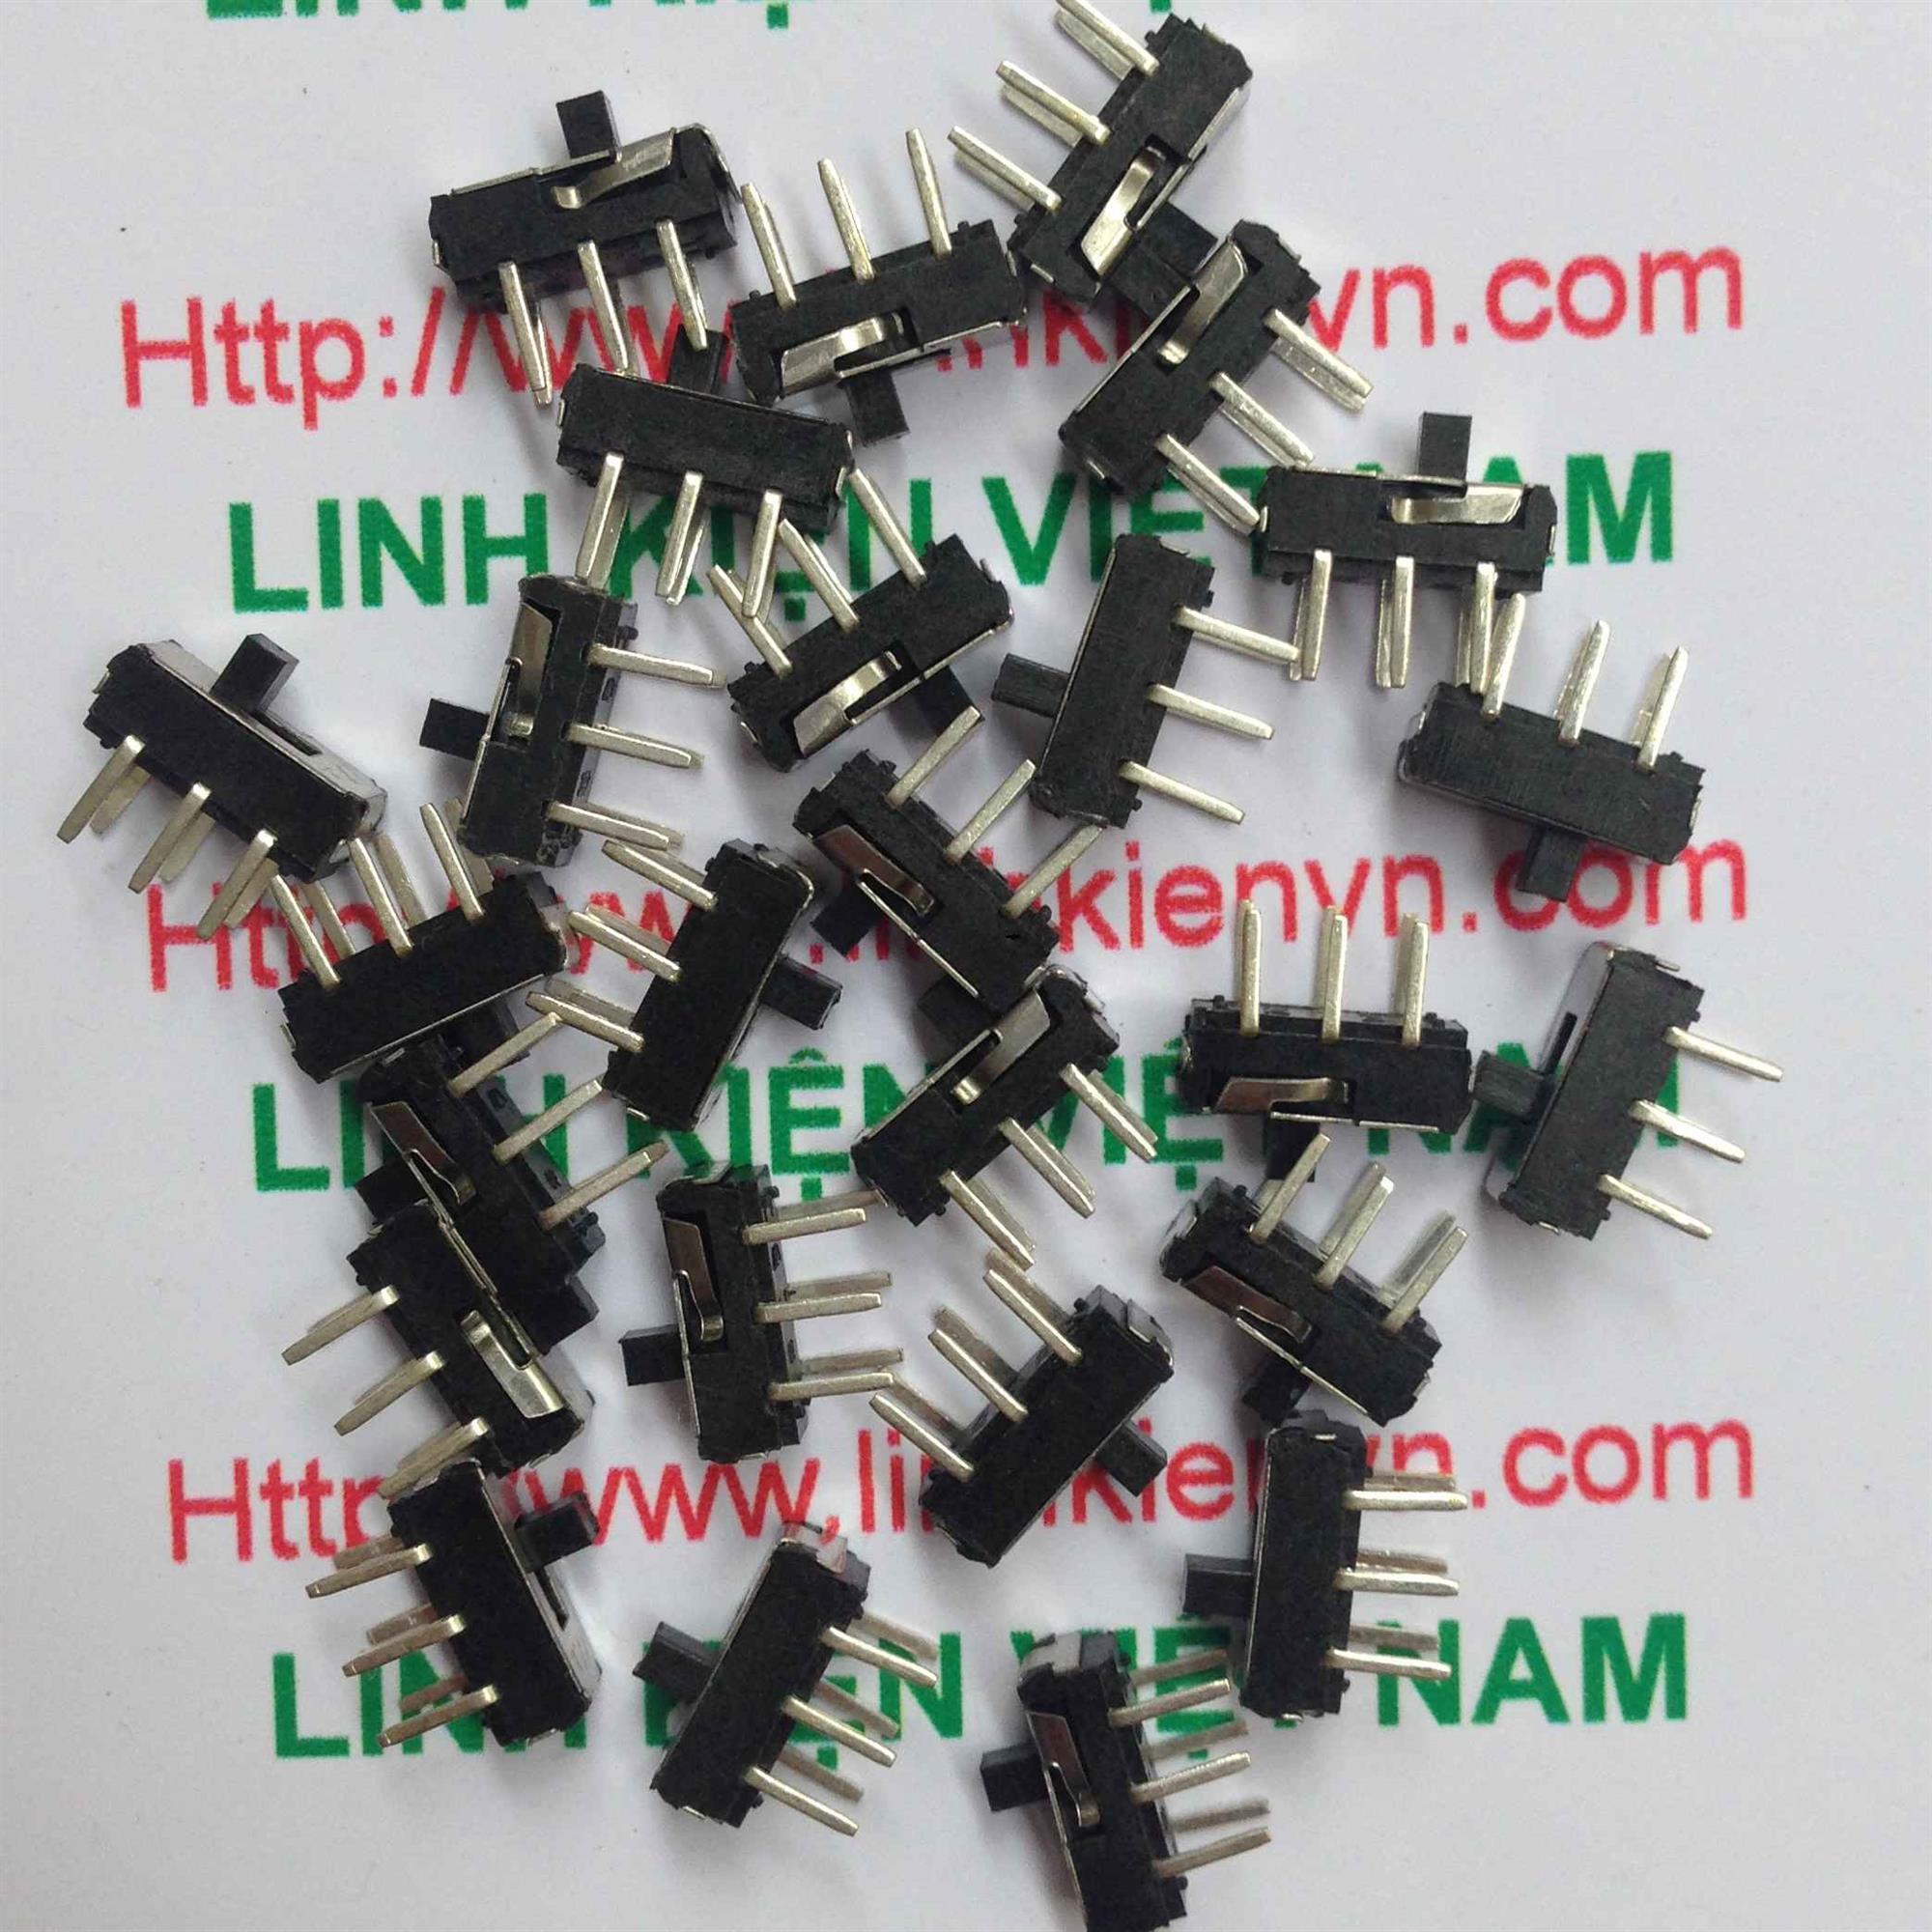 Công tắc gạt 6 chân 2.54mm/ Công tắc gạt 6 chân MS-22D16 - D3H2